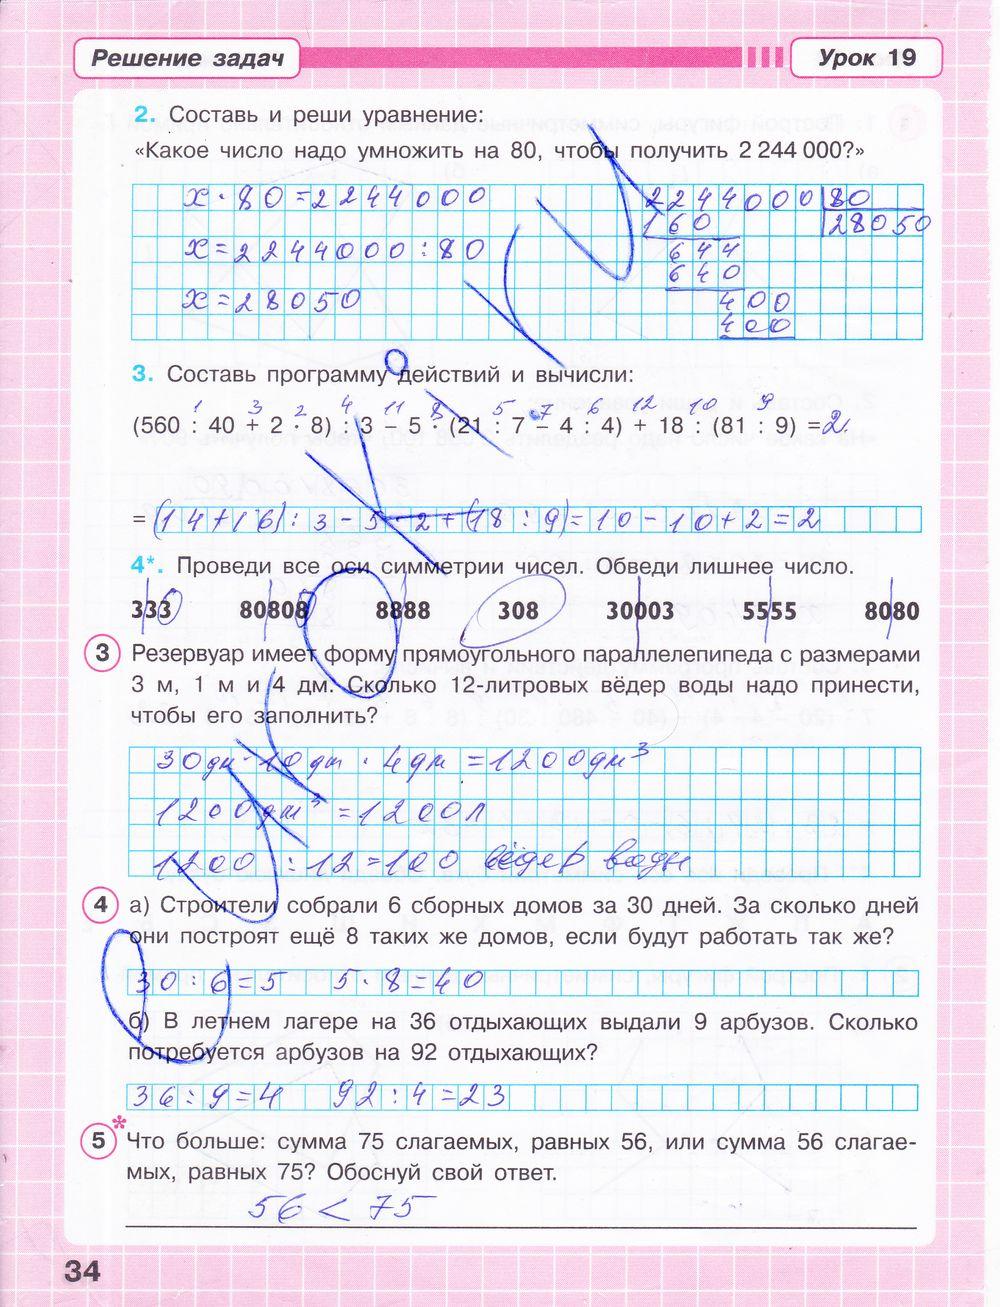 Ответы на рабочую тетрадь по обществоведению 9 класс гламбоцкий